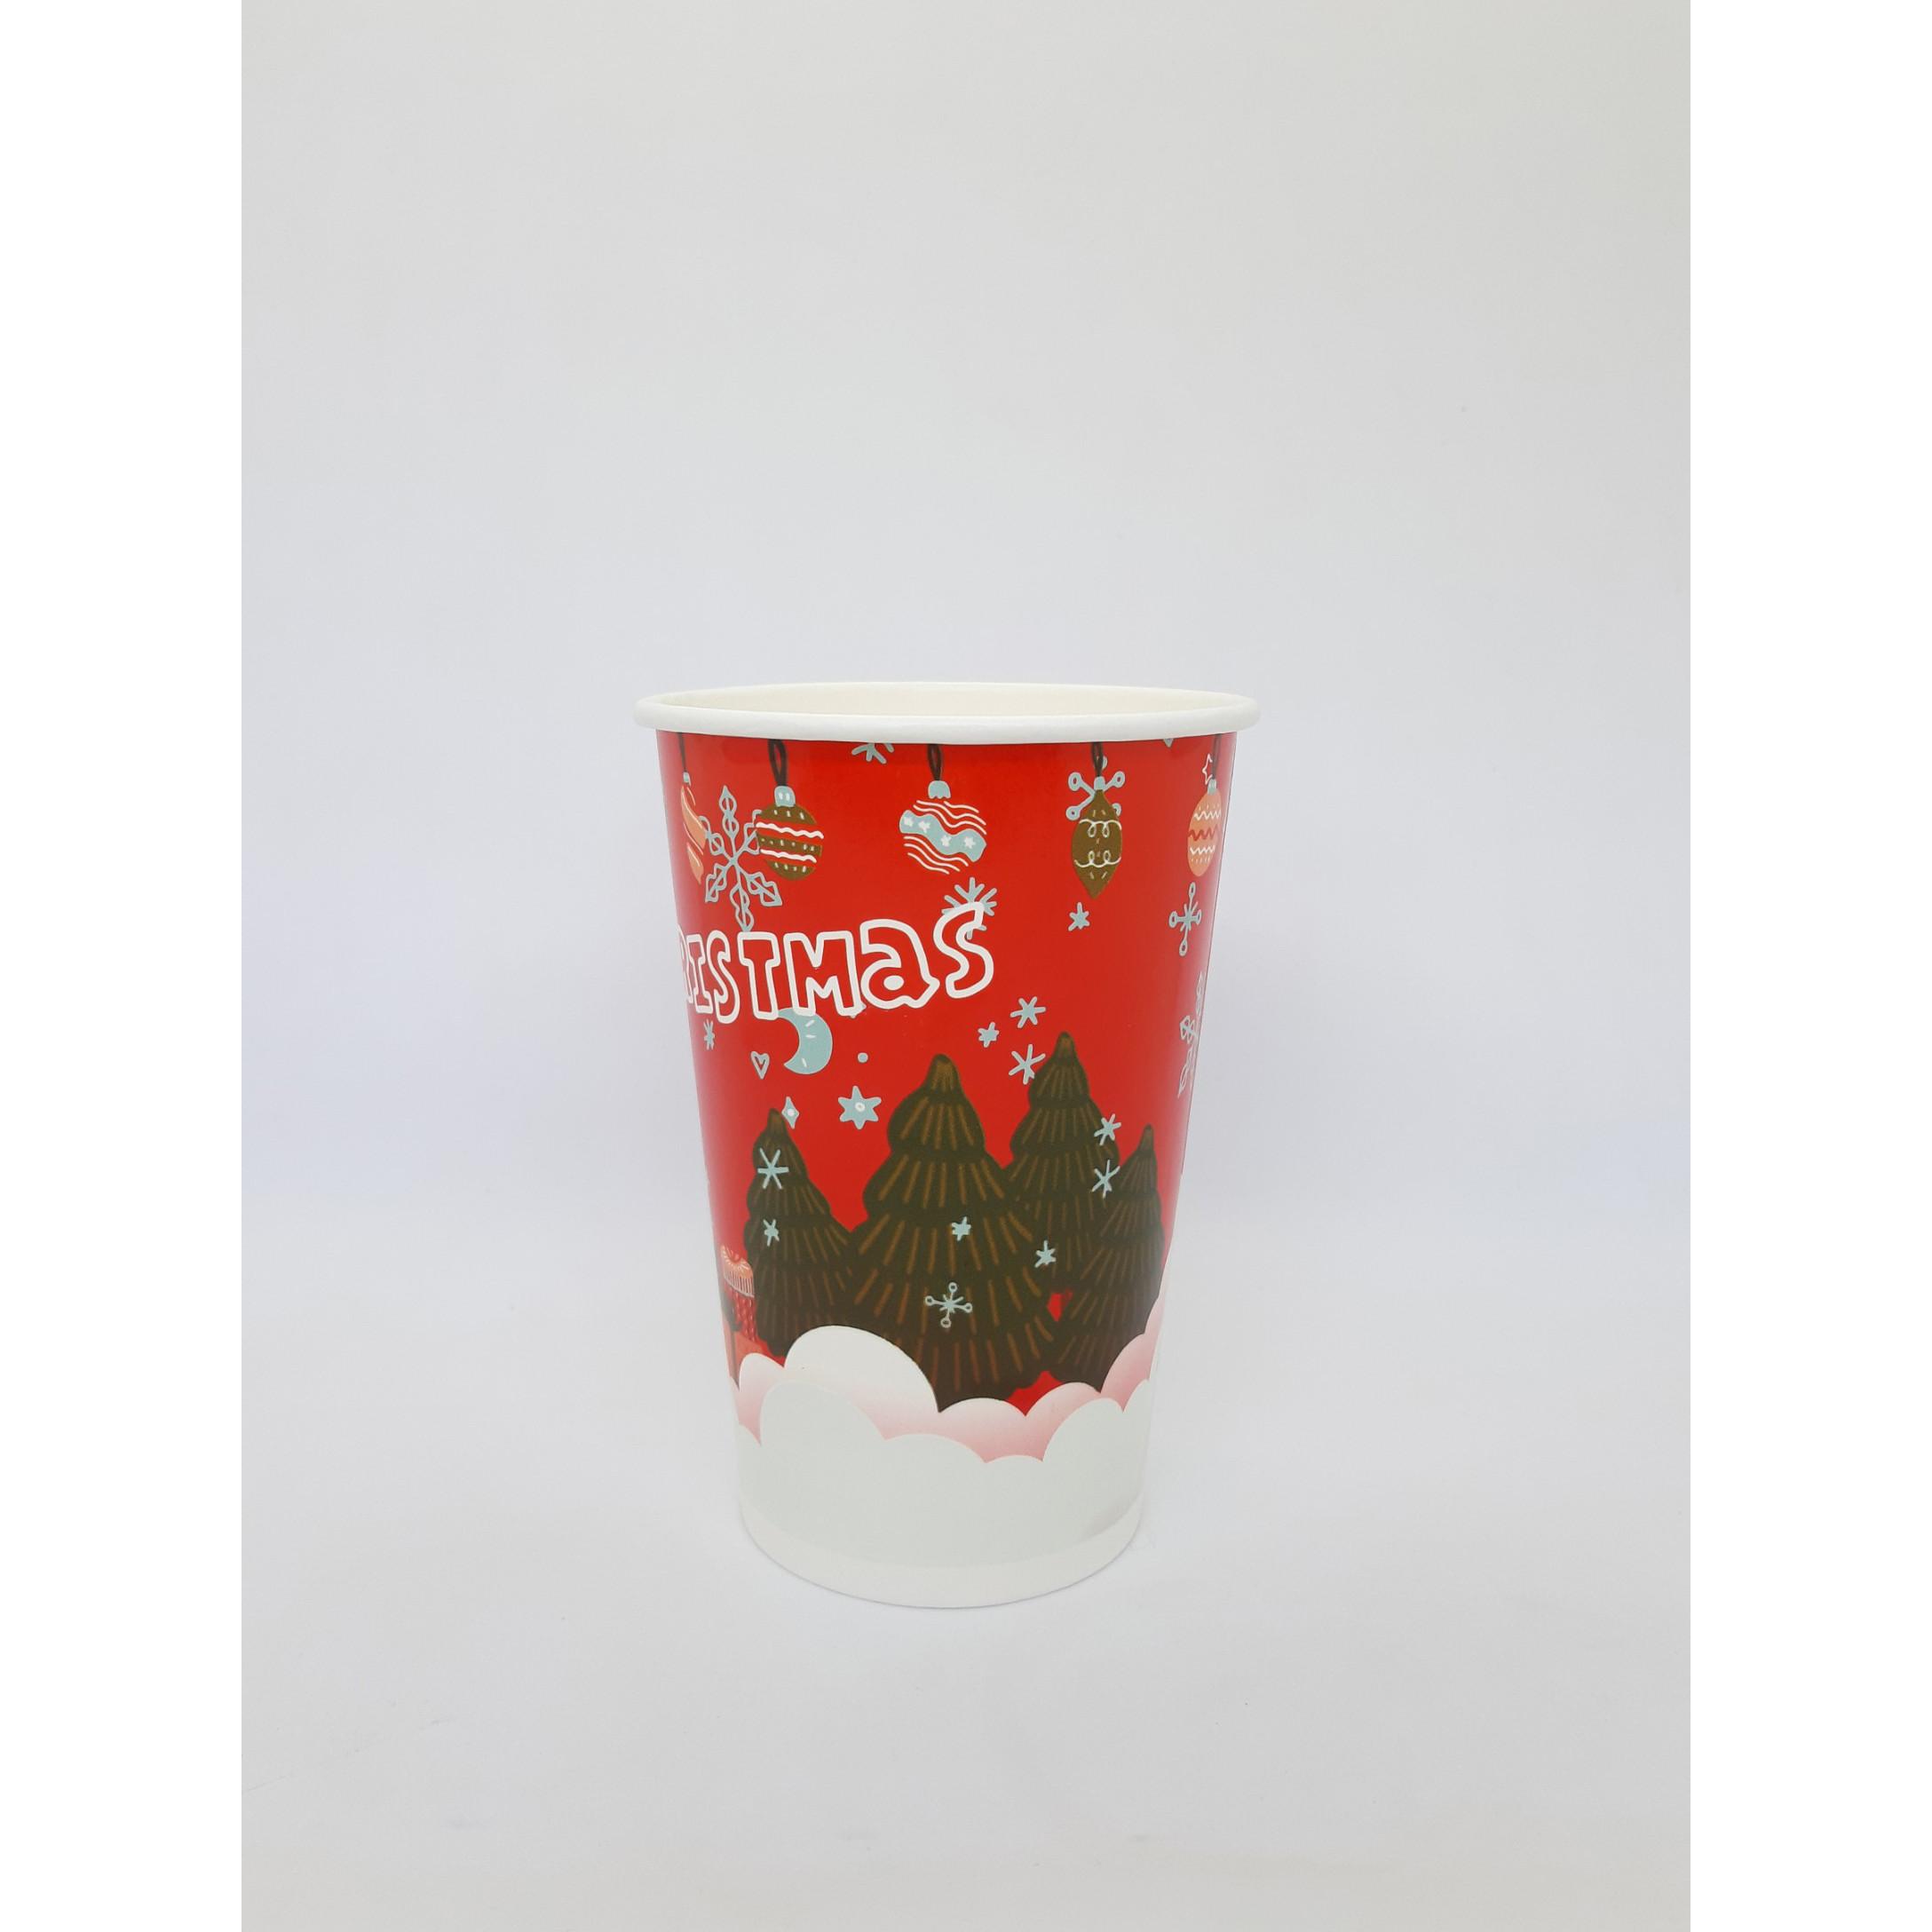 Ly giấy 16oz Giáng Sinh (480ml) 2PE lốc 50 cái (không gồm nắp)